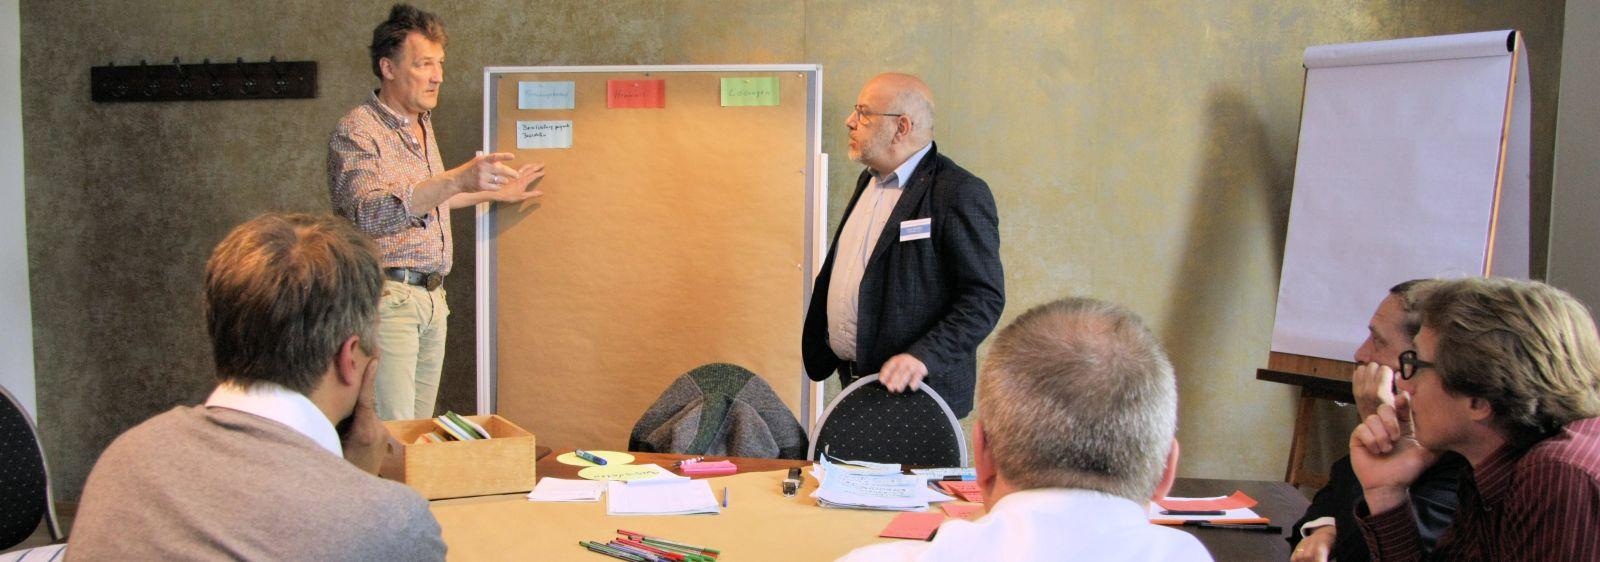 In Kleingruppen diskutierten die Teilnehmerinnen und Teilnehmer die aktuellen Herausforderungen im Bereich